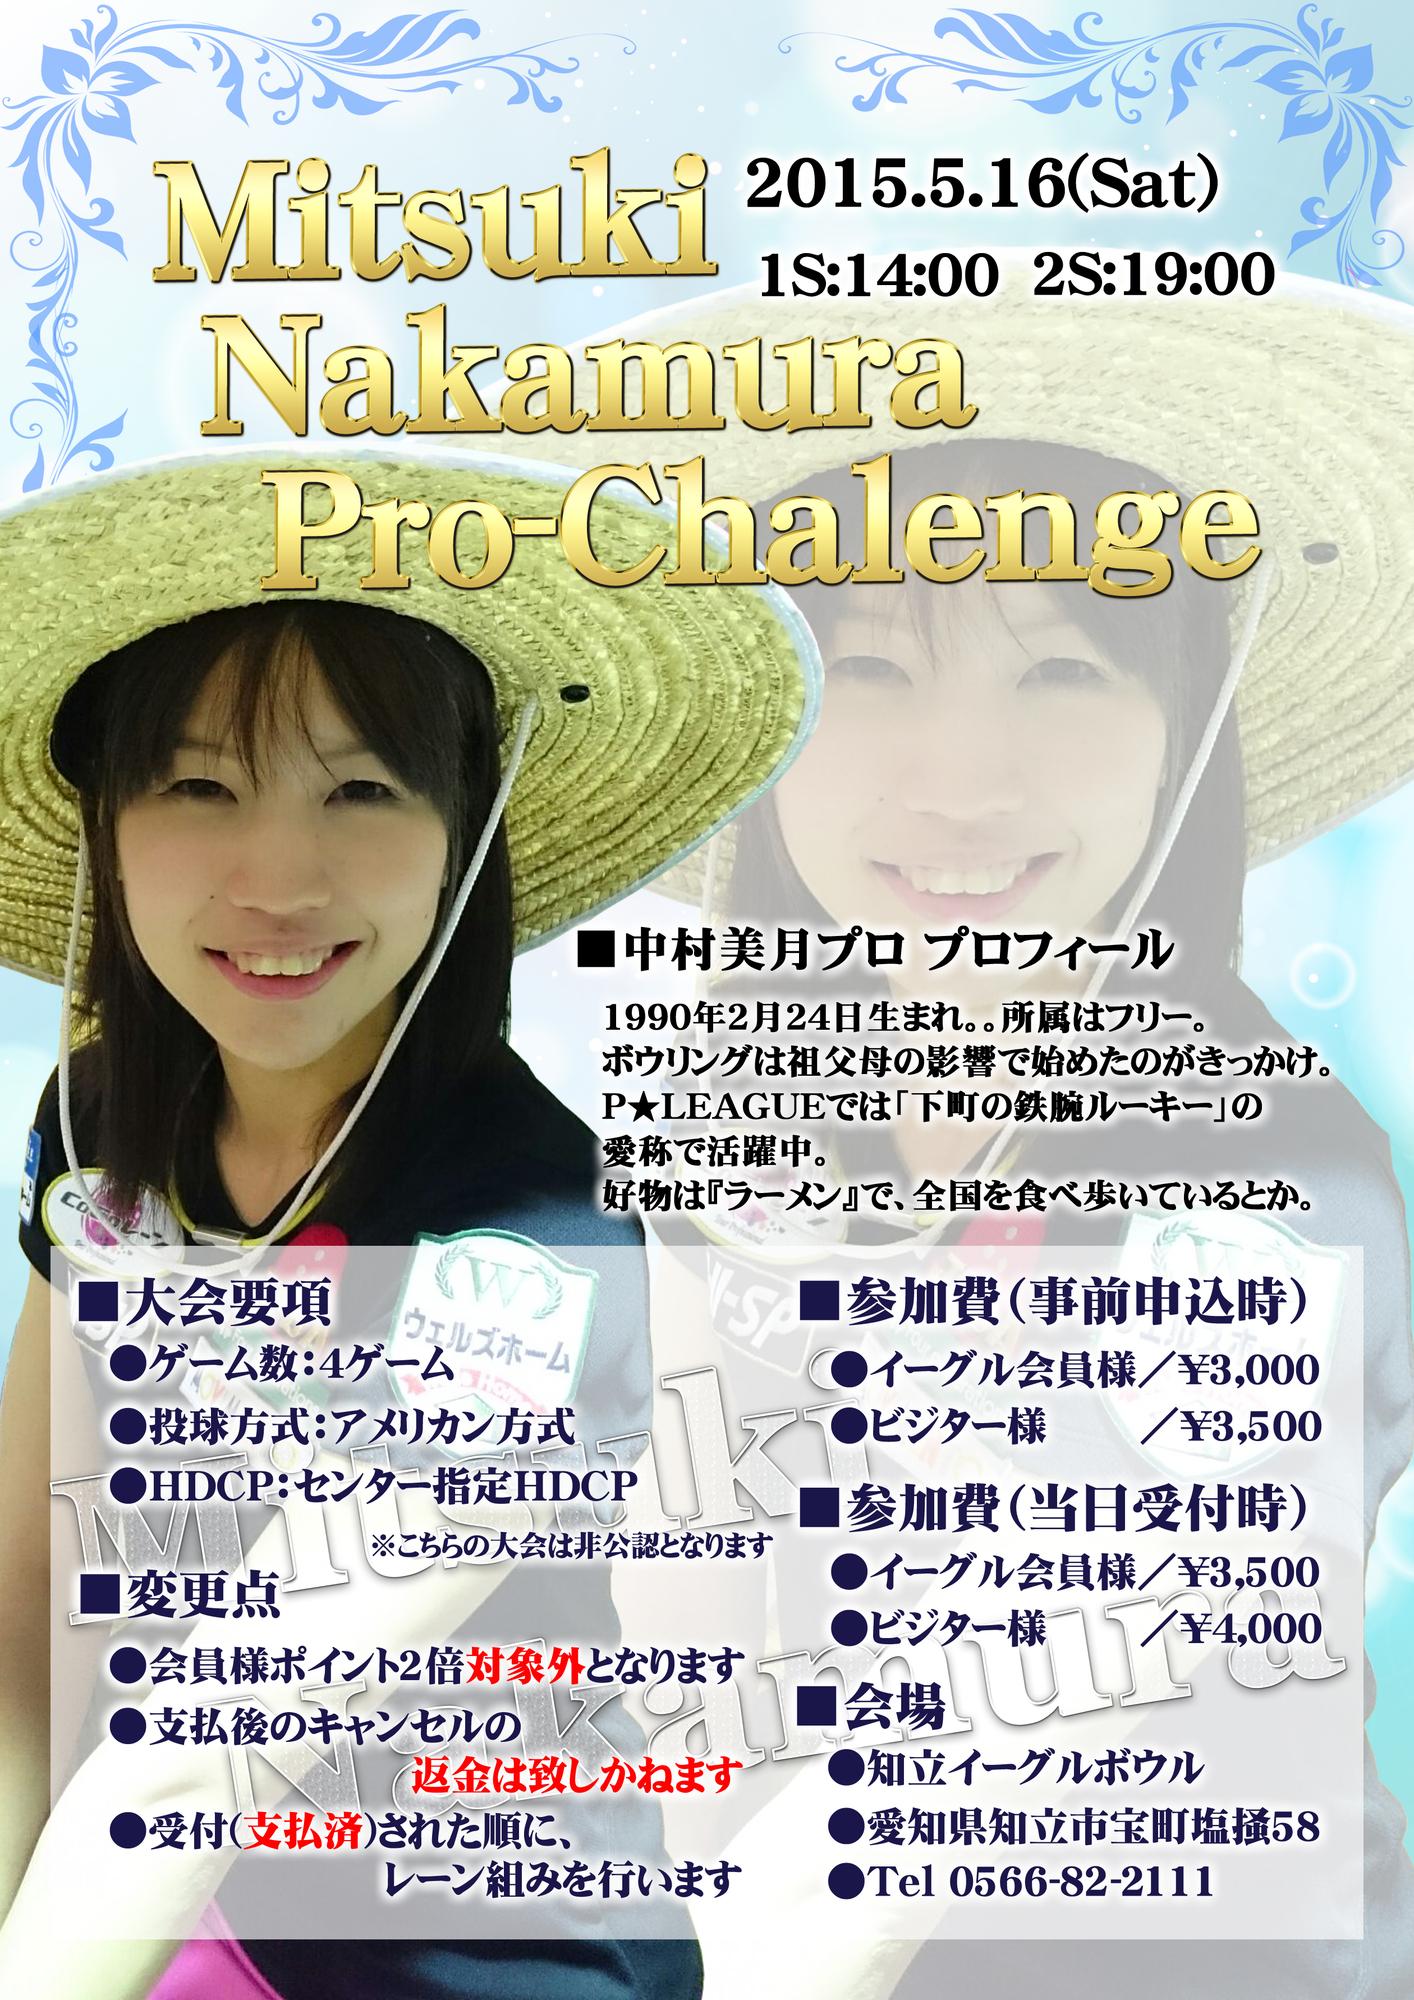 5/16 中村美月プロチャレンジ